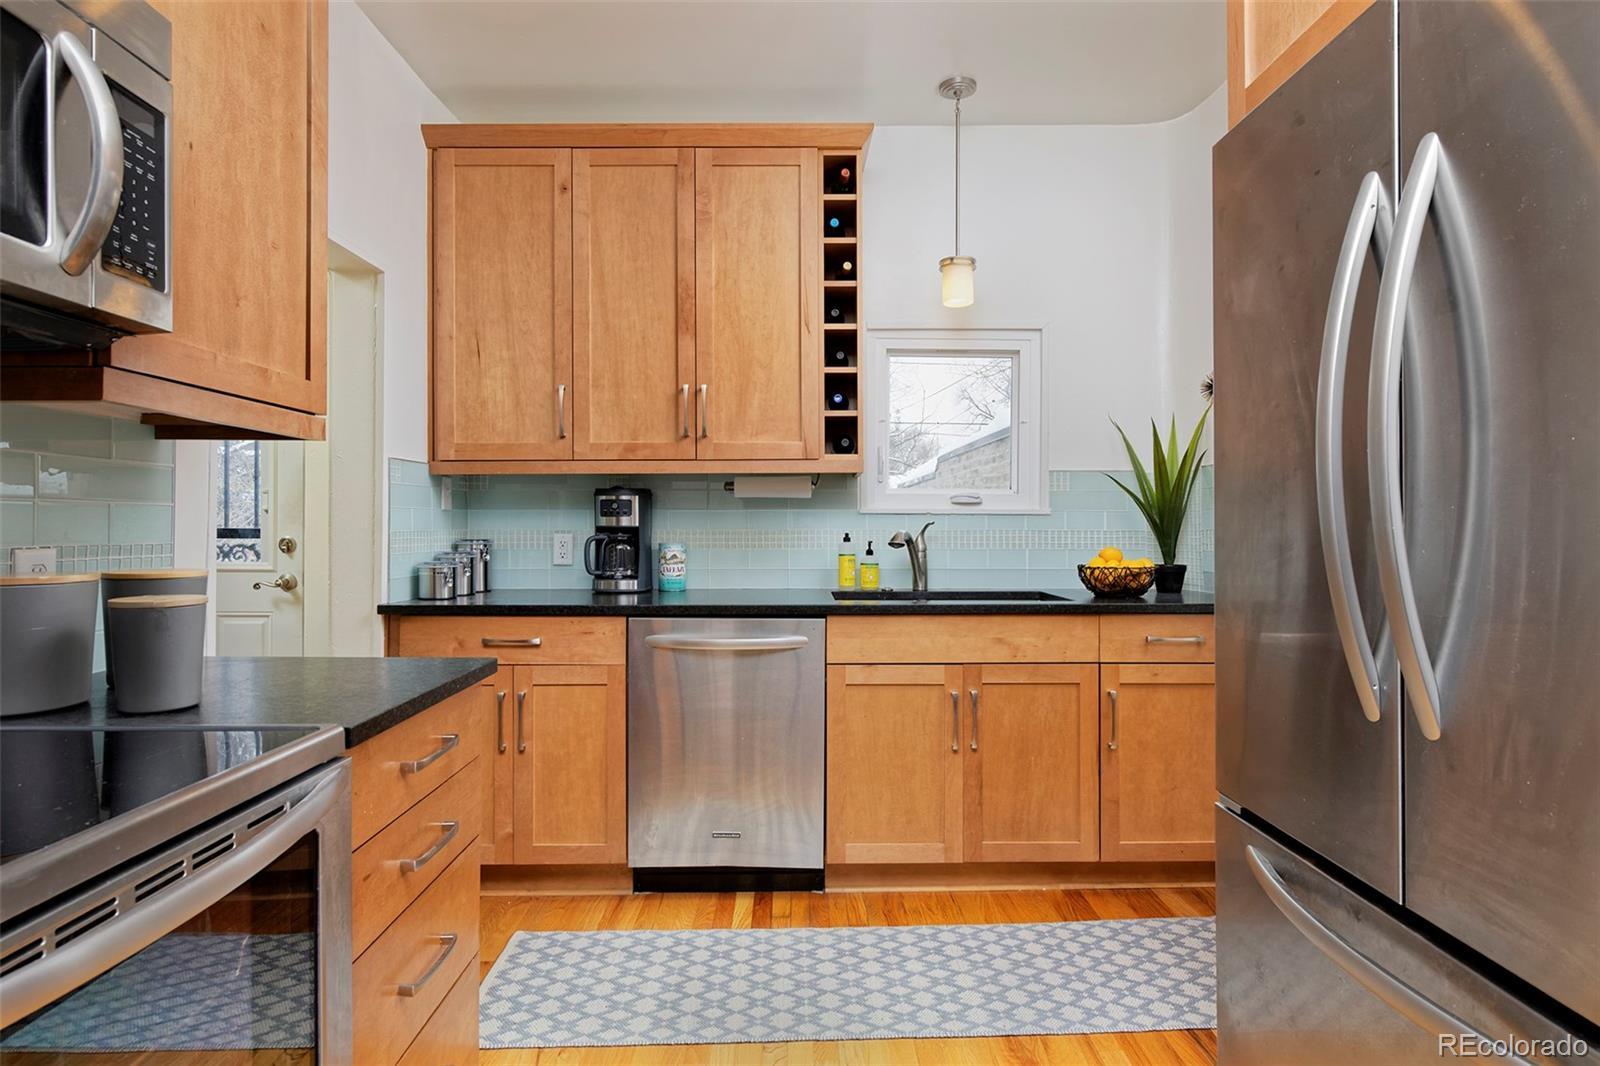 MLS# 9598393 - 4 - 2066 Hudson Street, Denver, CO 80207